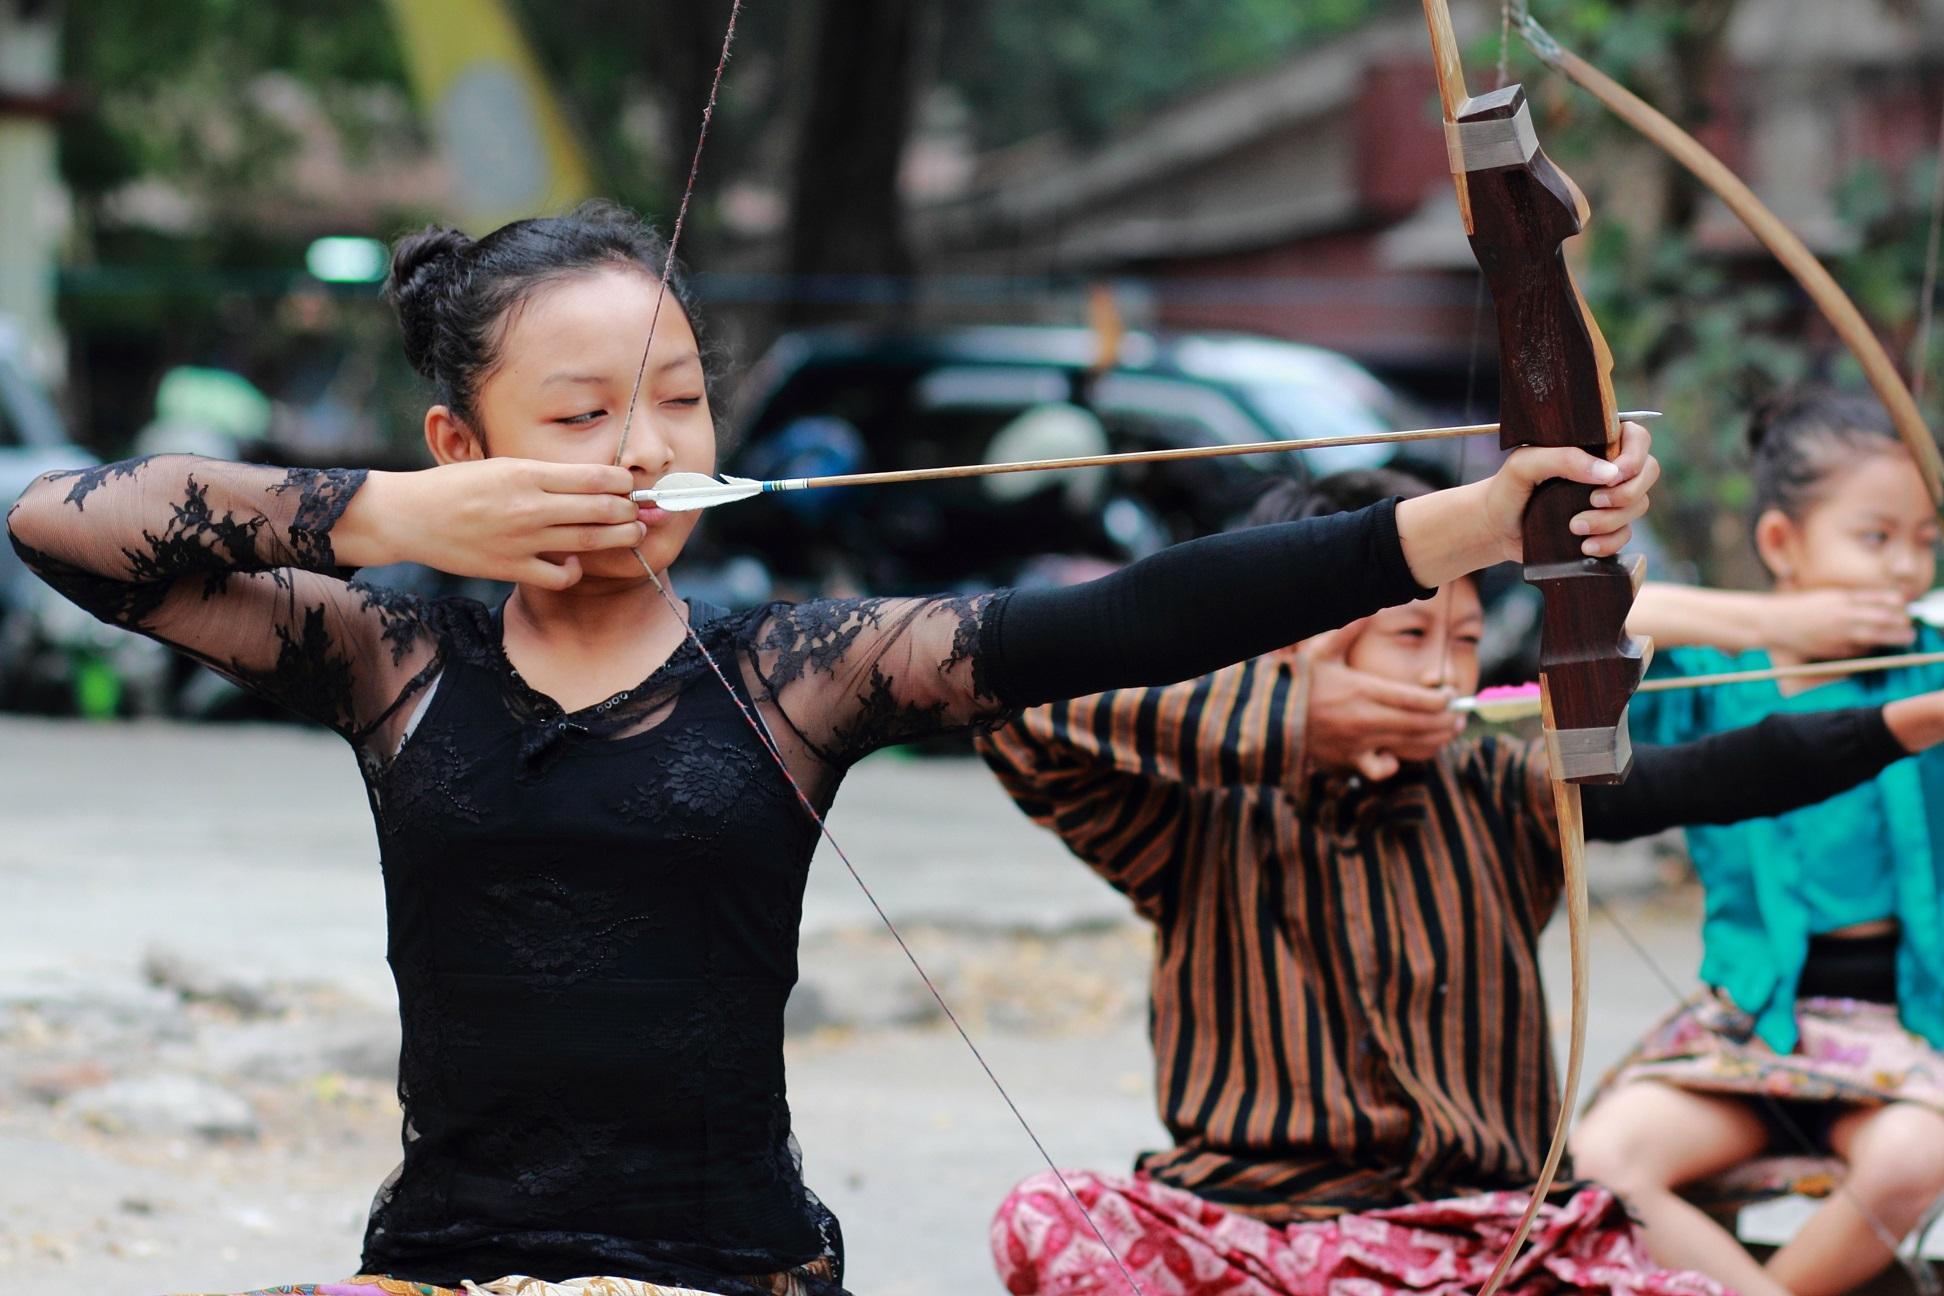 Permainan Jemparingan yang dimainkan oleh anak-anak. tapakasmo.com